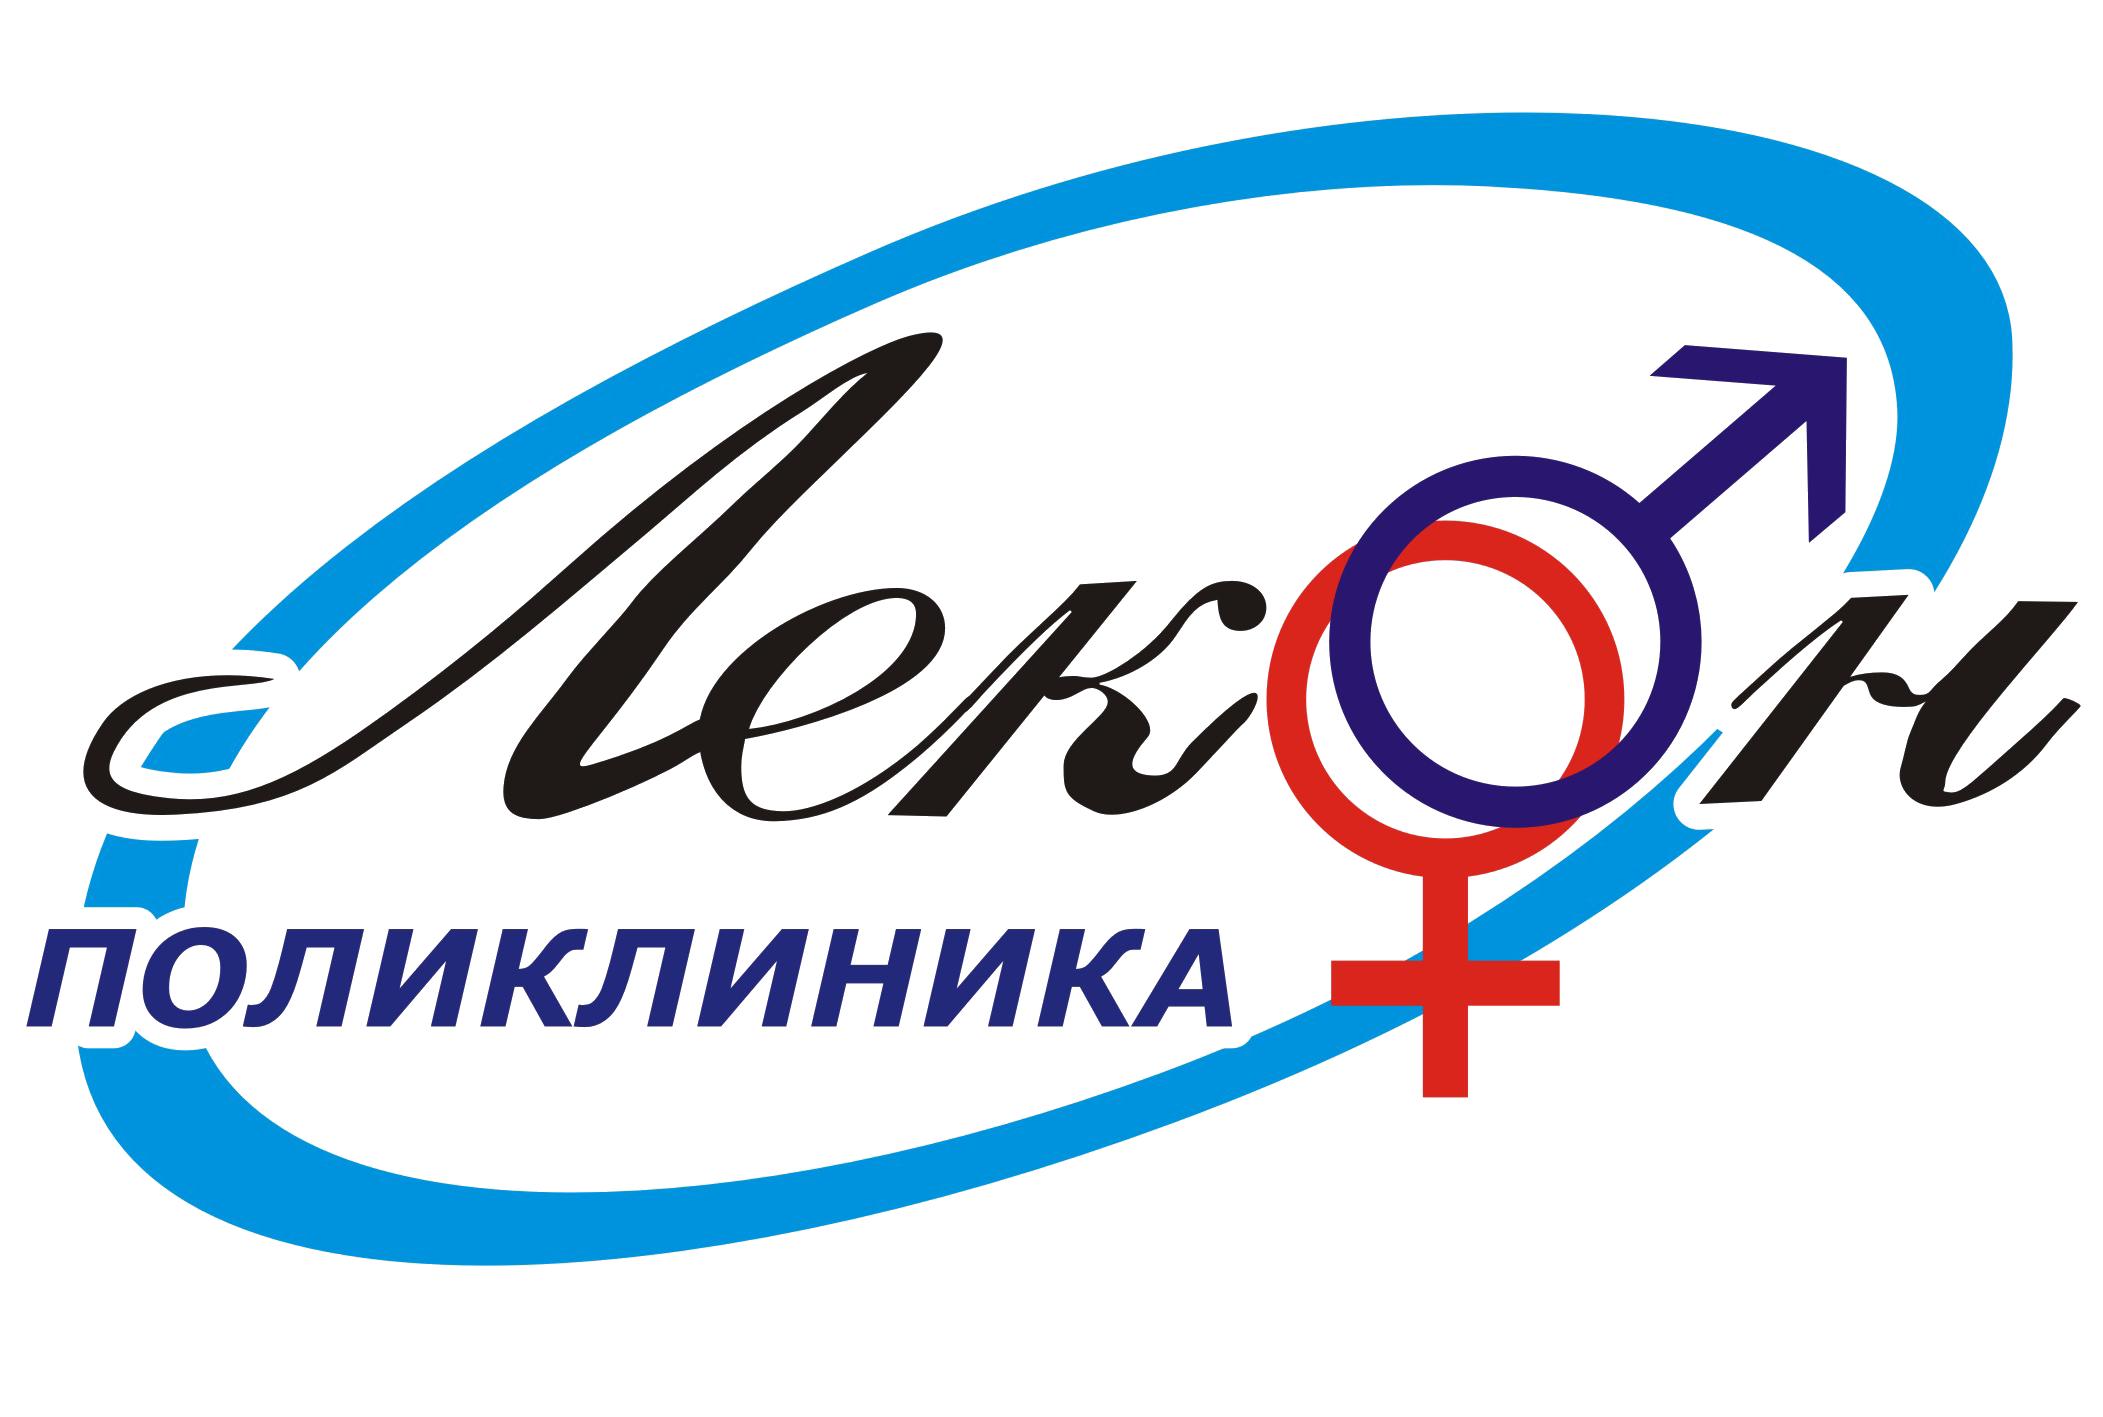 Калининградская областная больница реанимация